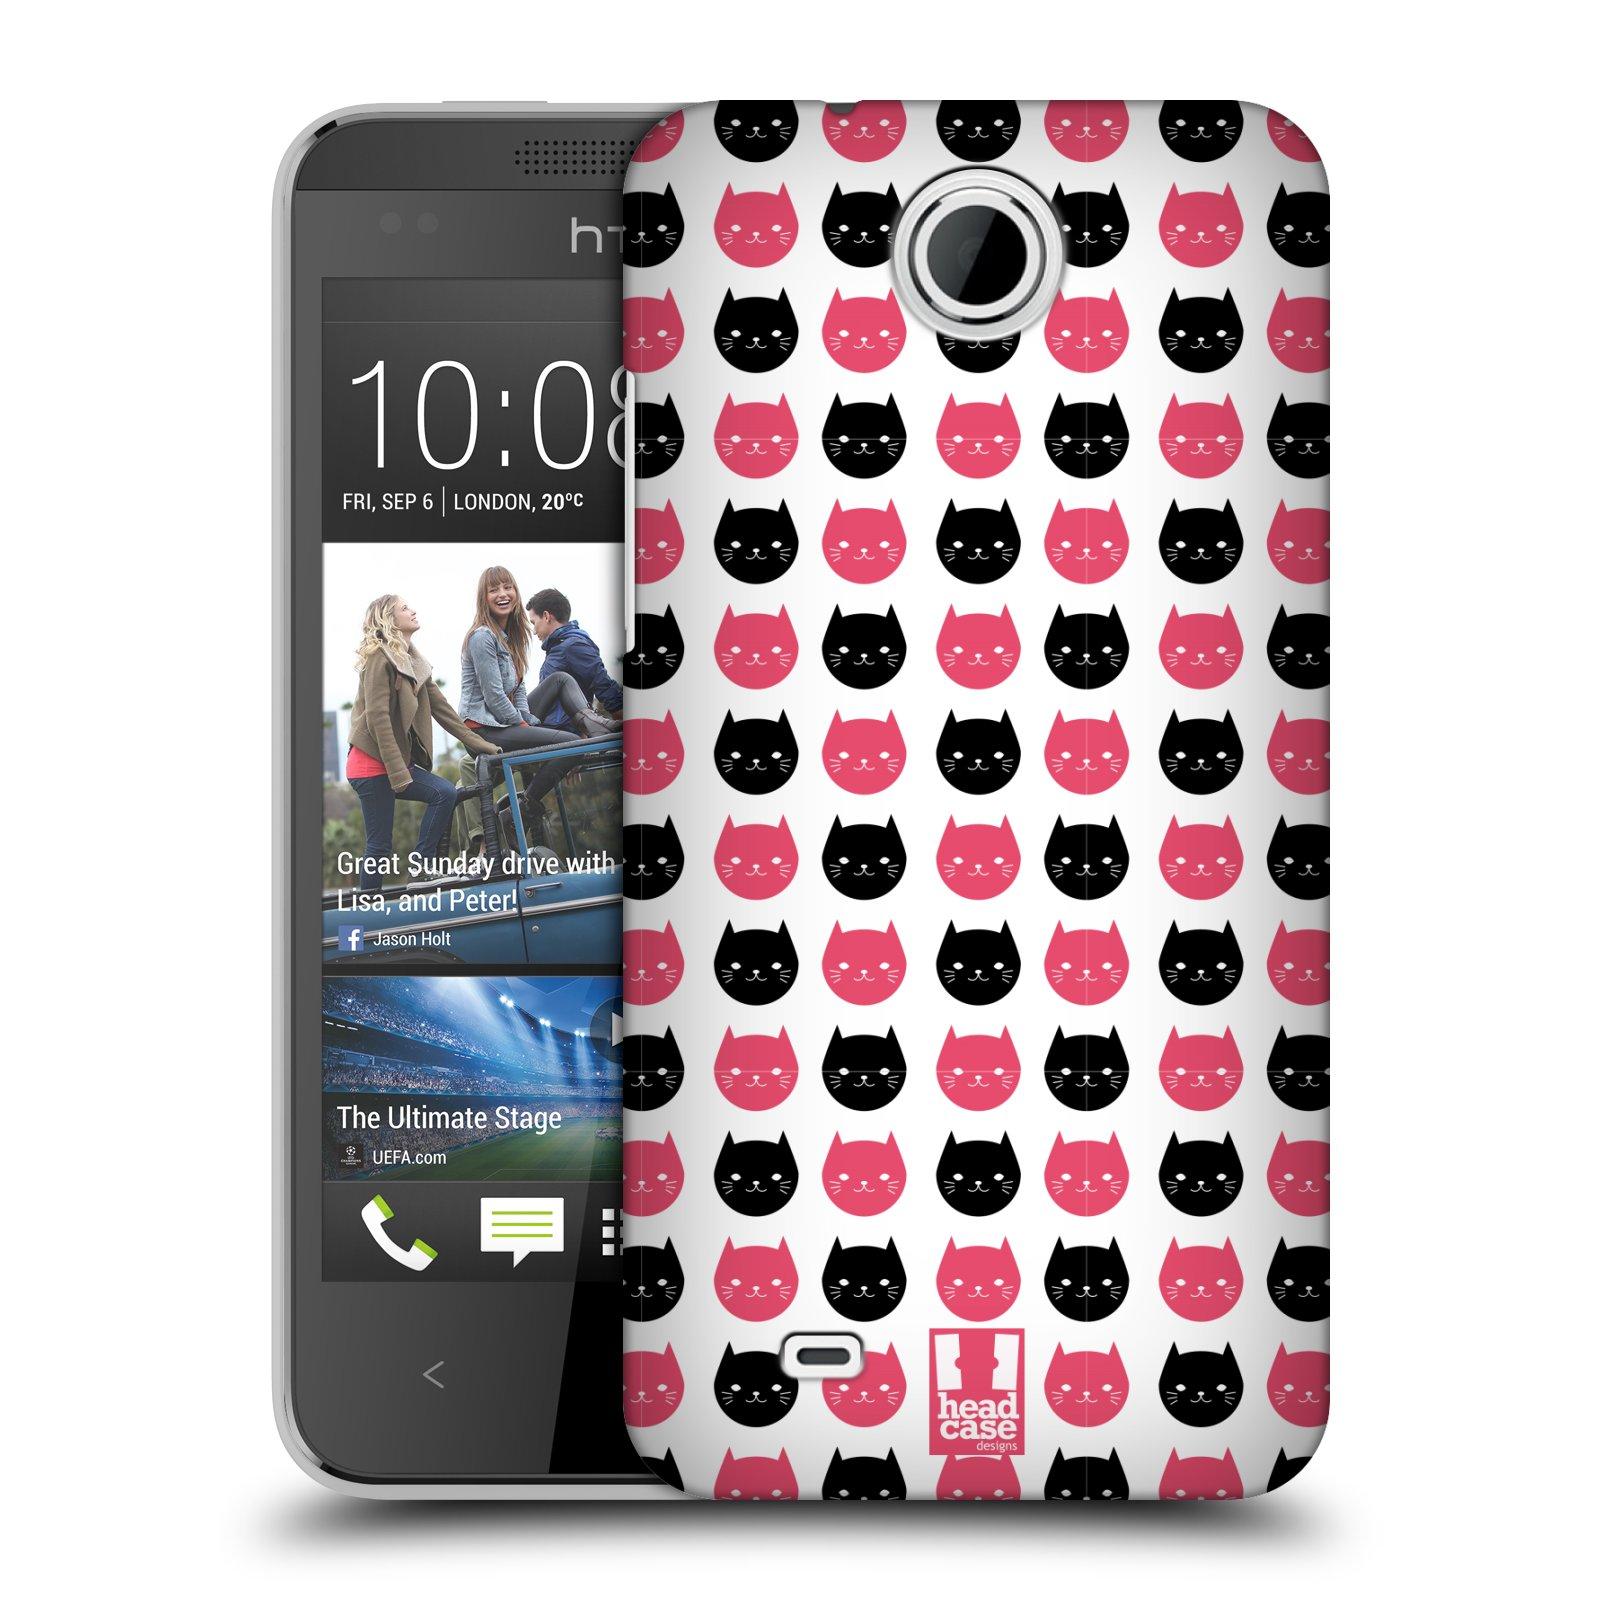 Plastové pouzdro na mobil HTC Desire 300 HEAD CASE KOČKY Black and Pink (Kryt či obal na mobilní telefon HTC Desire 300)